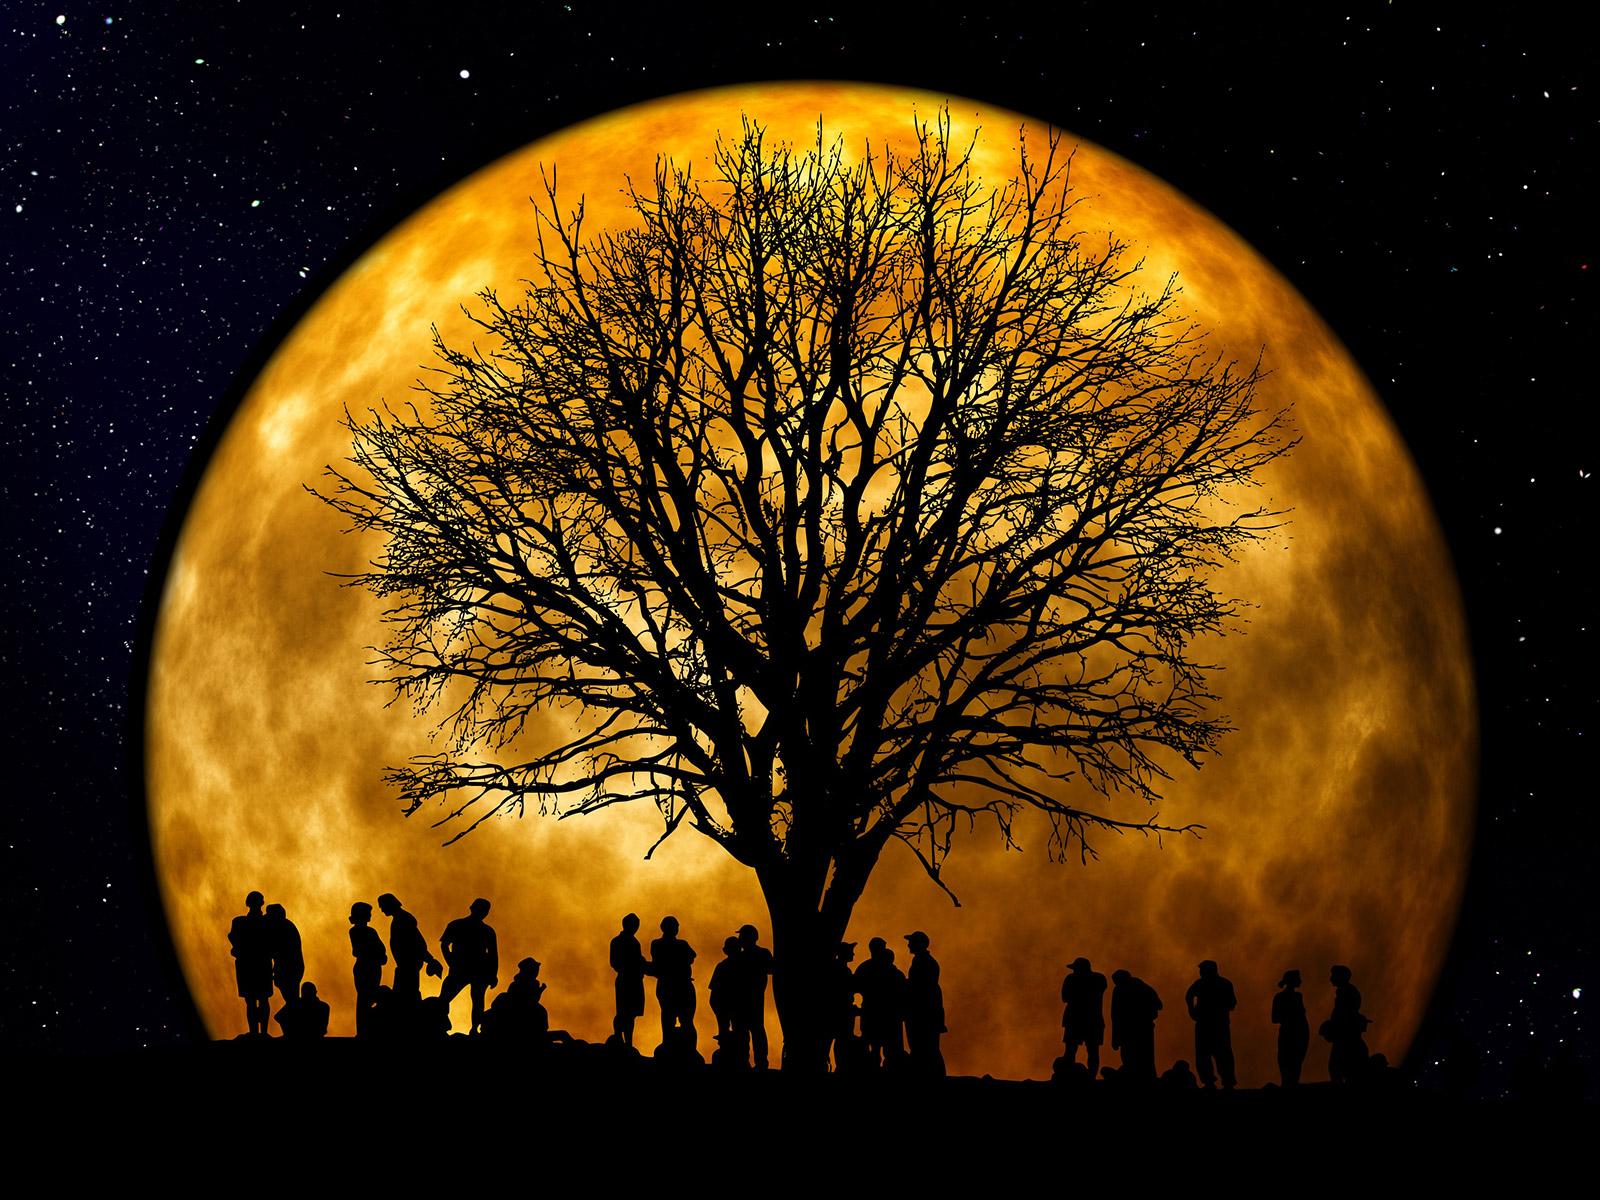 Al chiaror della luna piena lungo la Via degli Dei